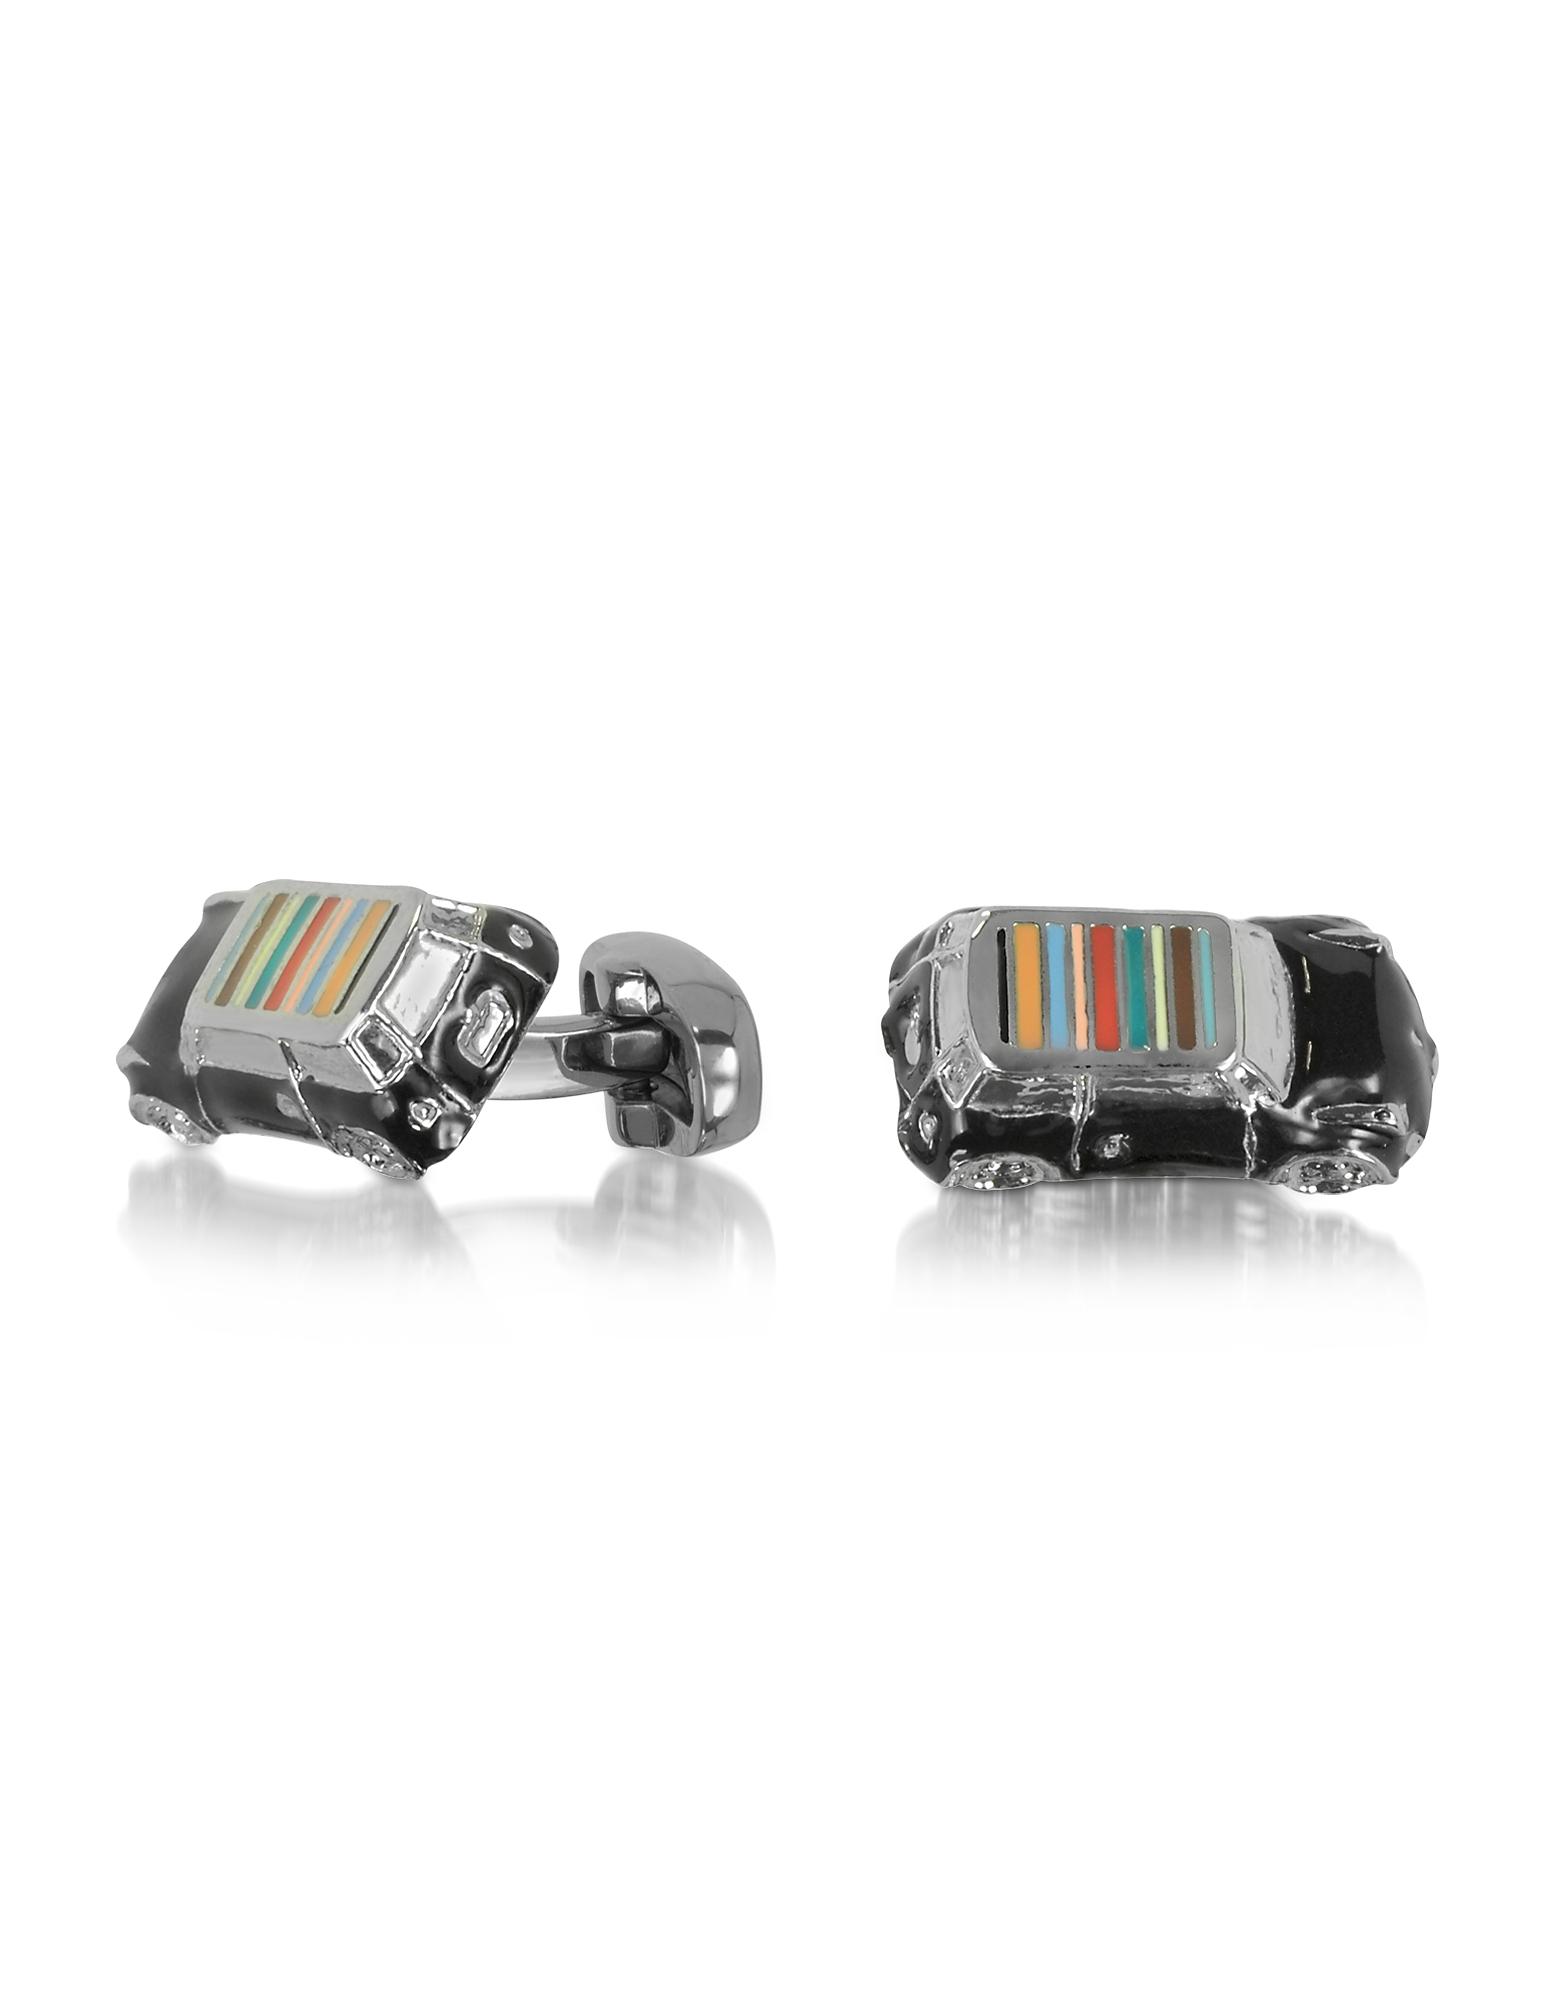 Paul Smith Mini-Car - Мужские Запонки 3D в Форме Мини с Фирменными Полосками на Крыше